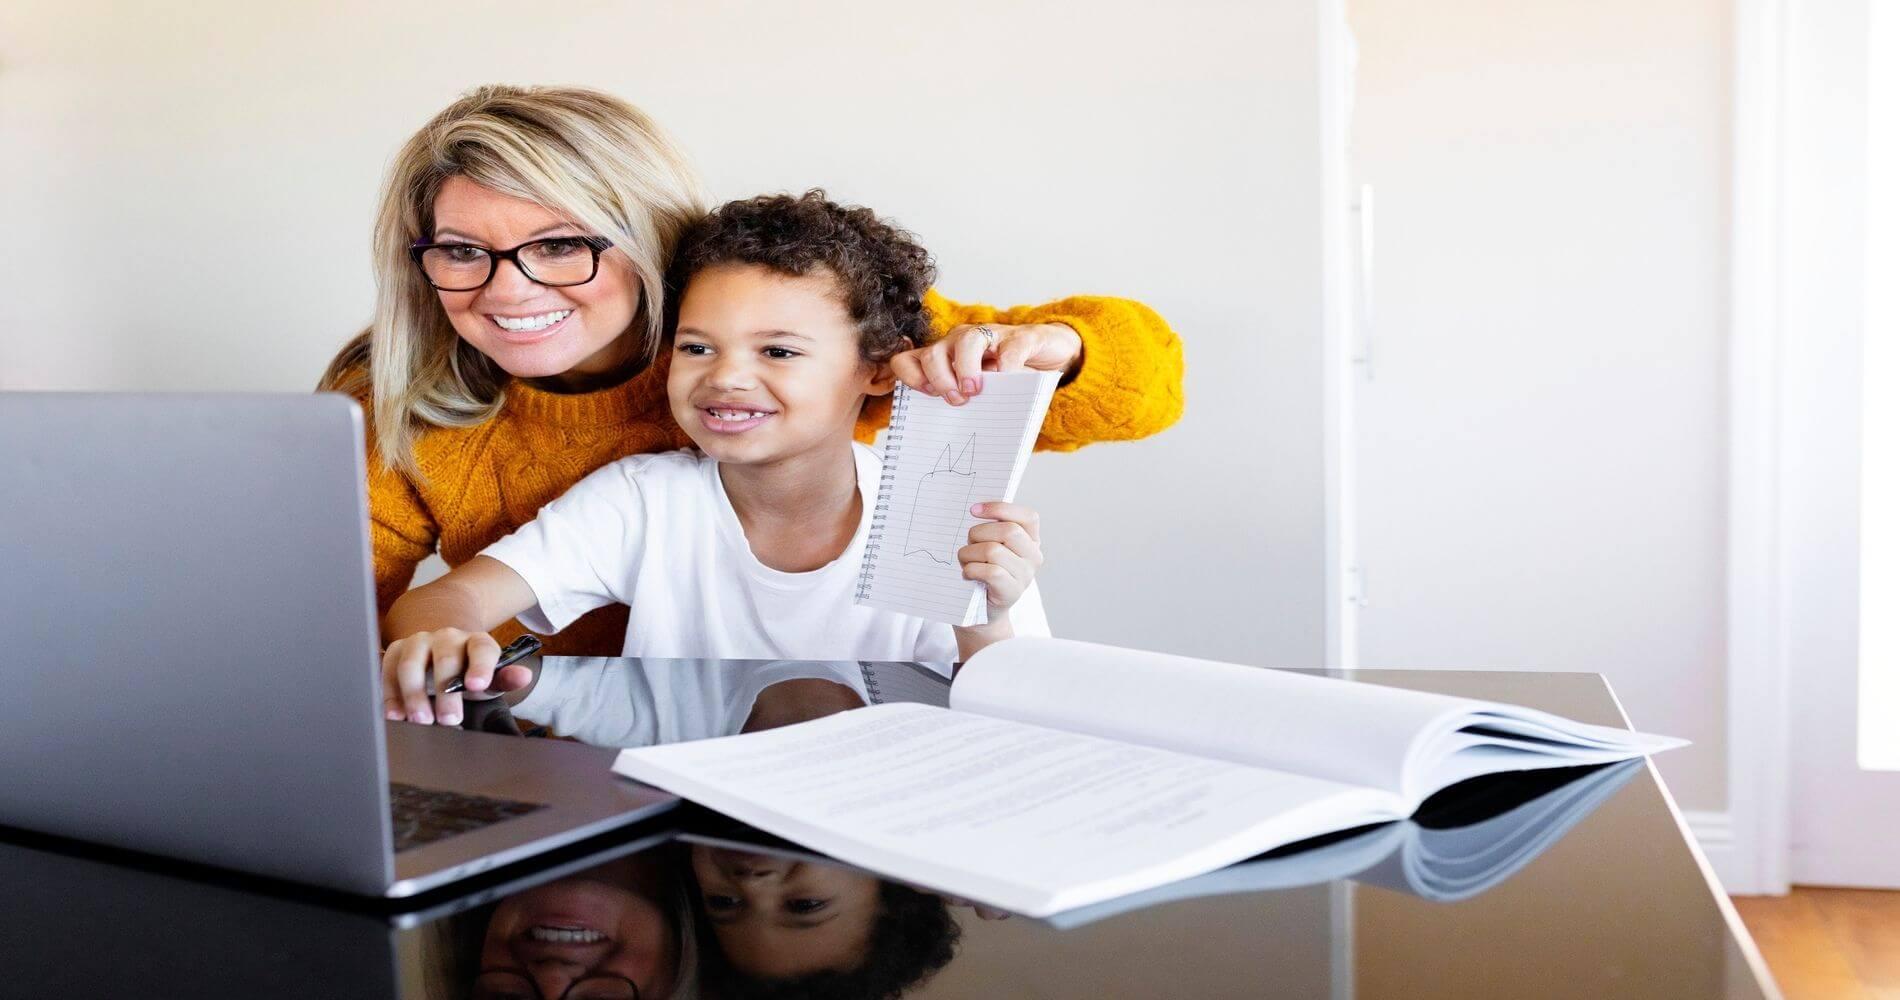 femme et enfant etudiant devant un ordinateur